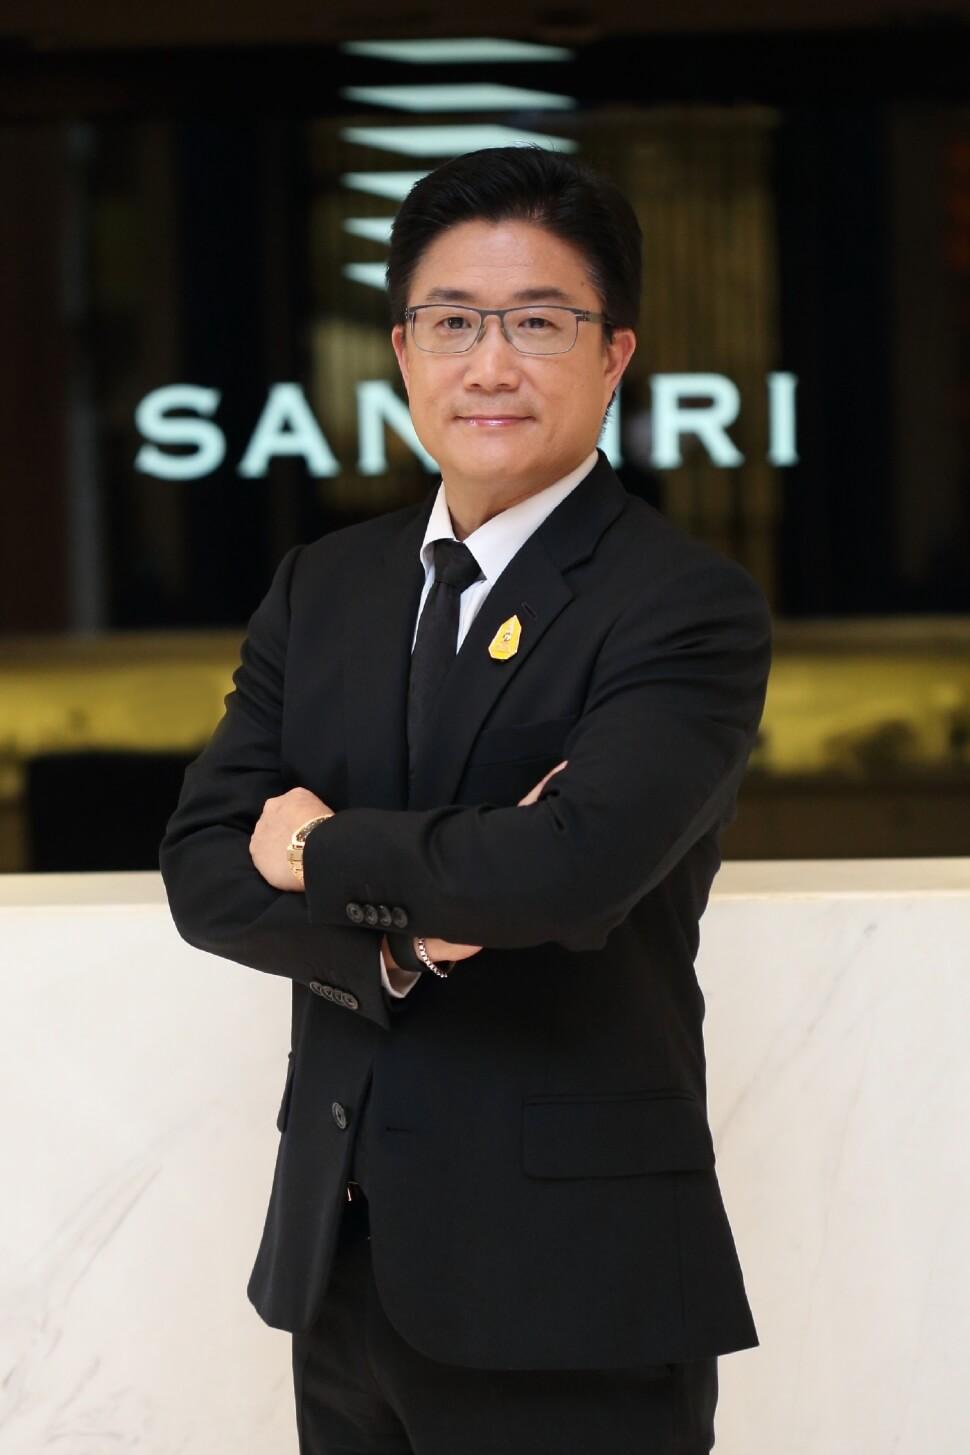 SIRI ปลื้มขายเกลี้ยงหุ้นกู้ล็อตใหญ่ 5 พันล้านบาท พร้อมนำเงินลงทุนจับมือพันธมิตรระดับโลกลุยธุรกิจในไทย พัฒนาโครงการใหม่ไตรมาส4 และขยายกำลังการผลิตโรงงานพรีคาสต์